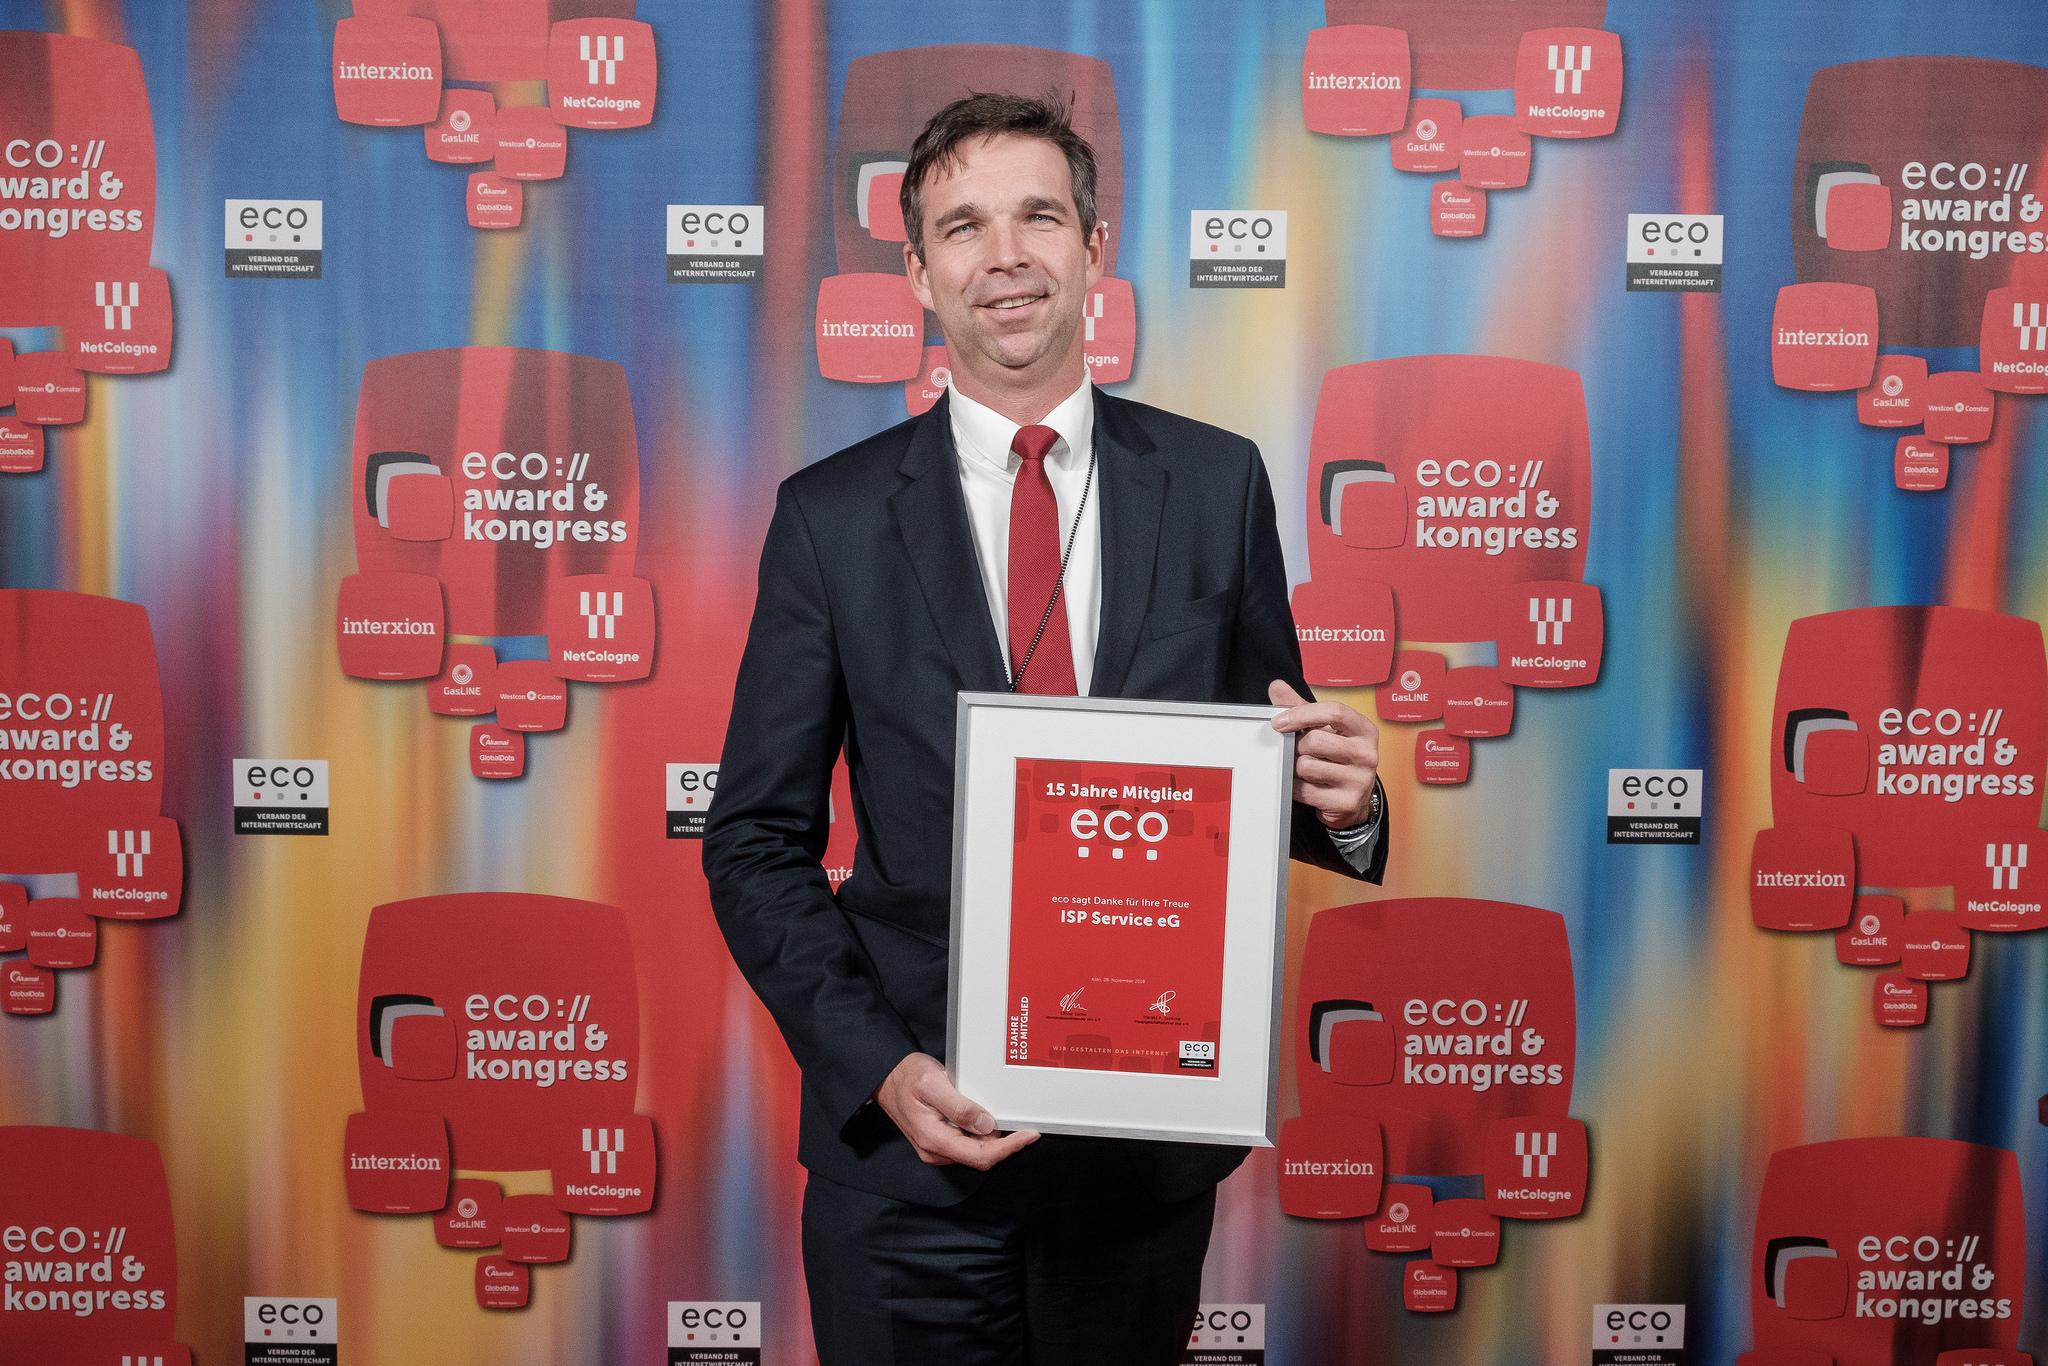 eco://kongress & eco:awards: Gemeinsam die digitale Zukunft gestalten 23